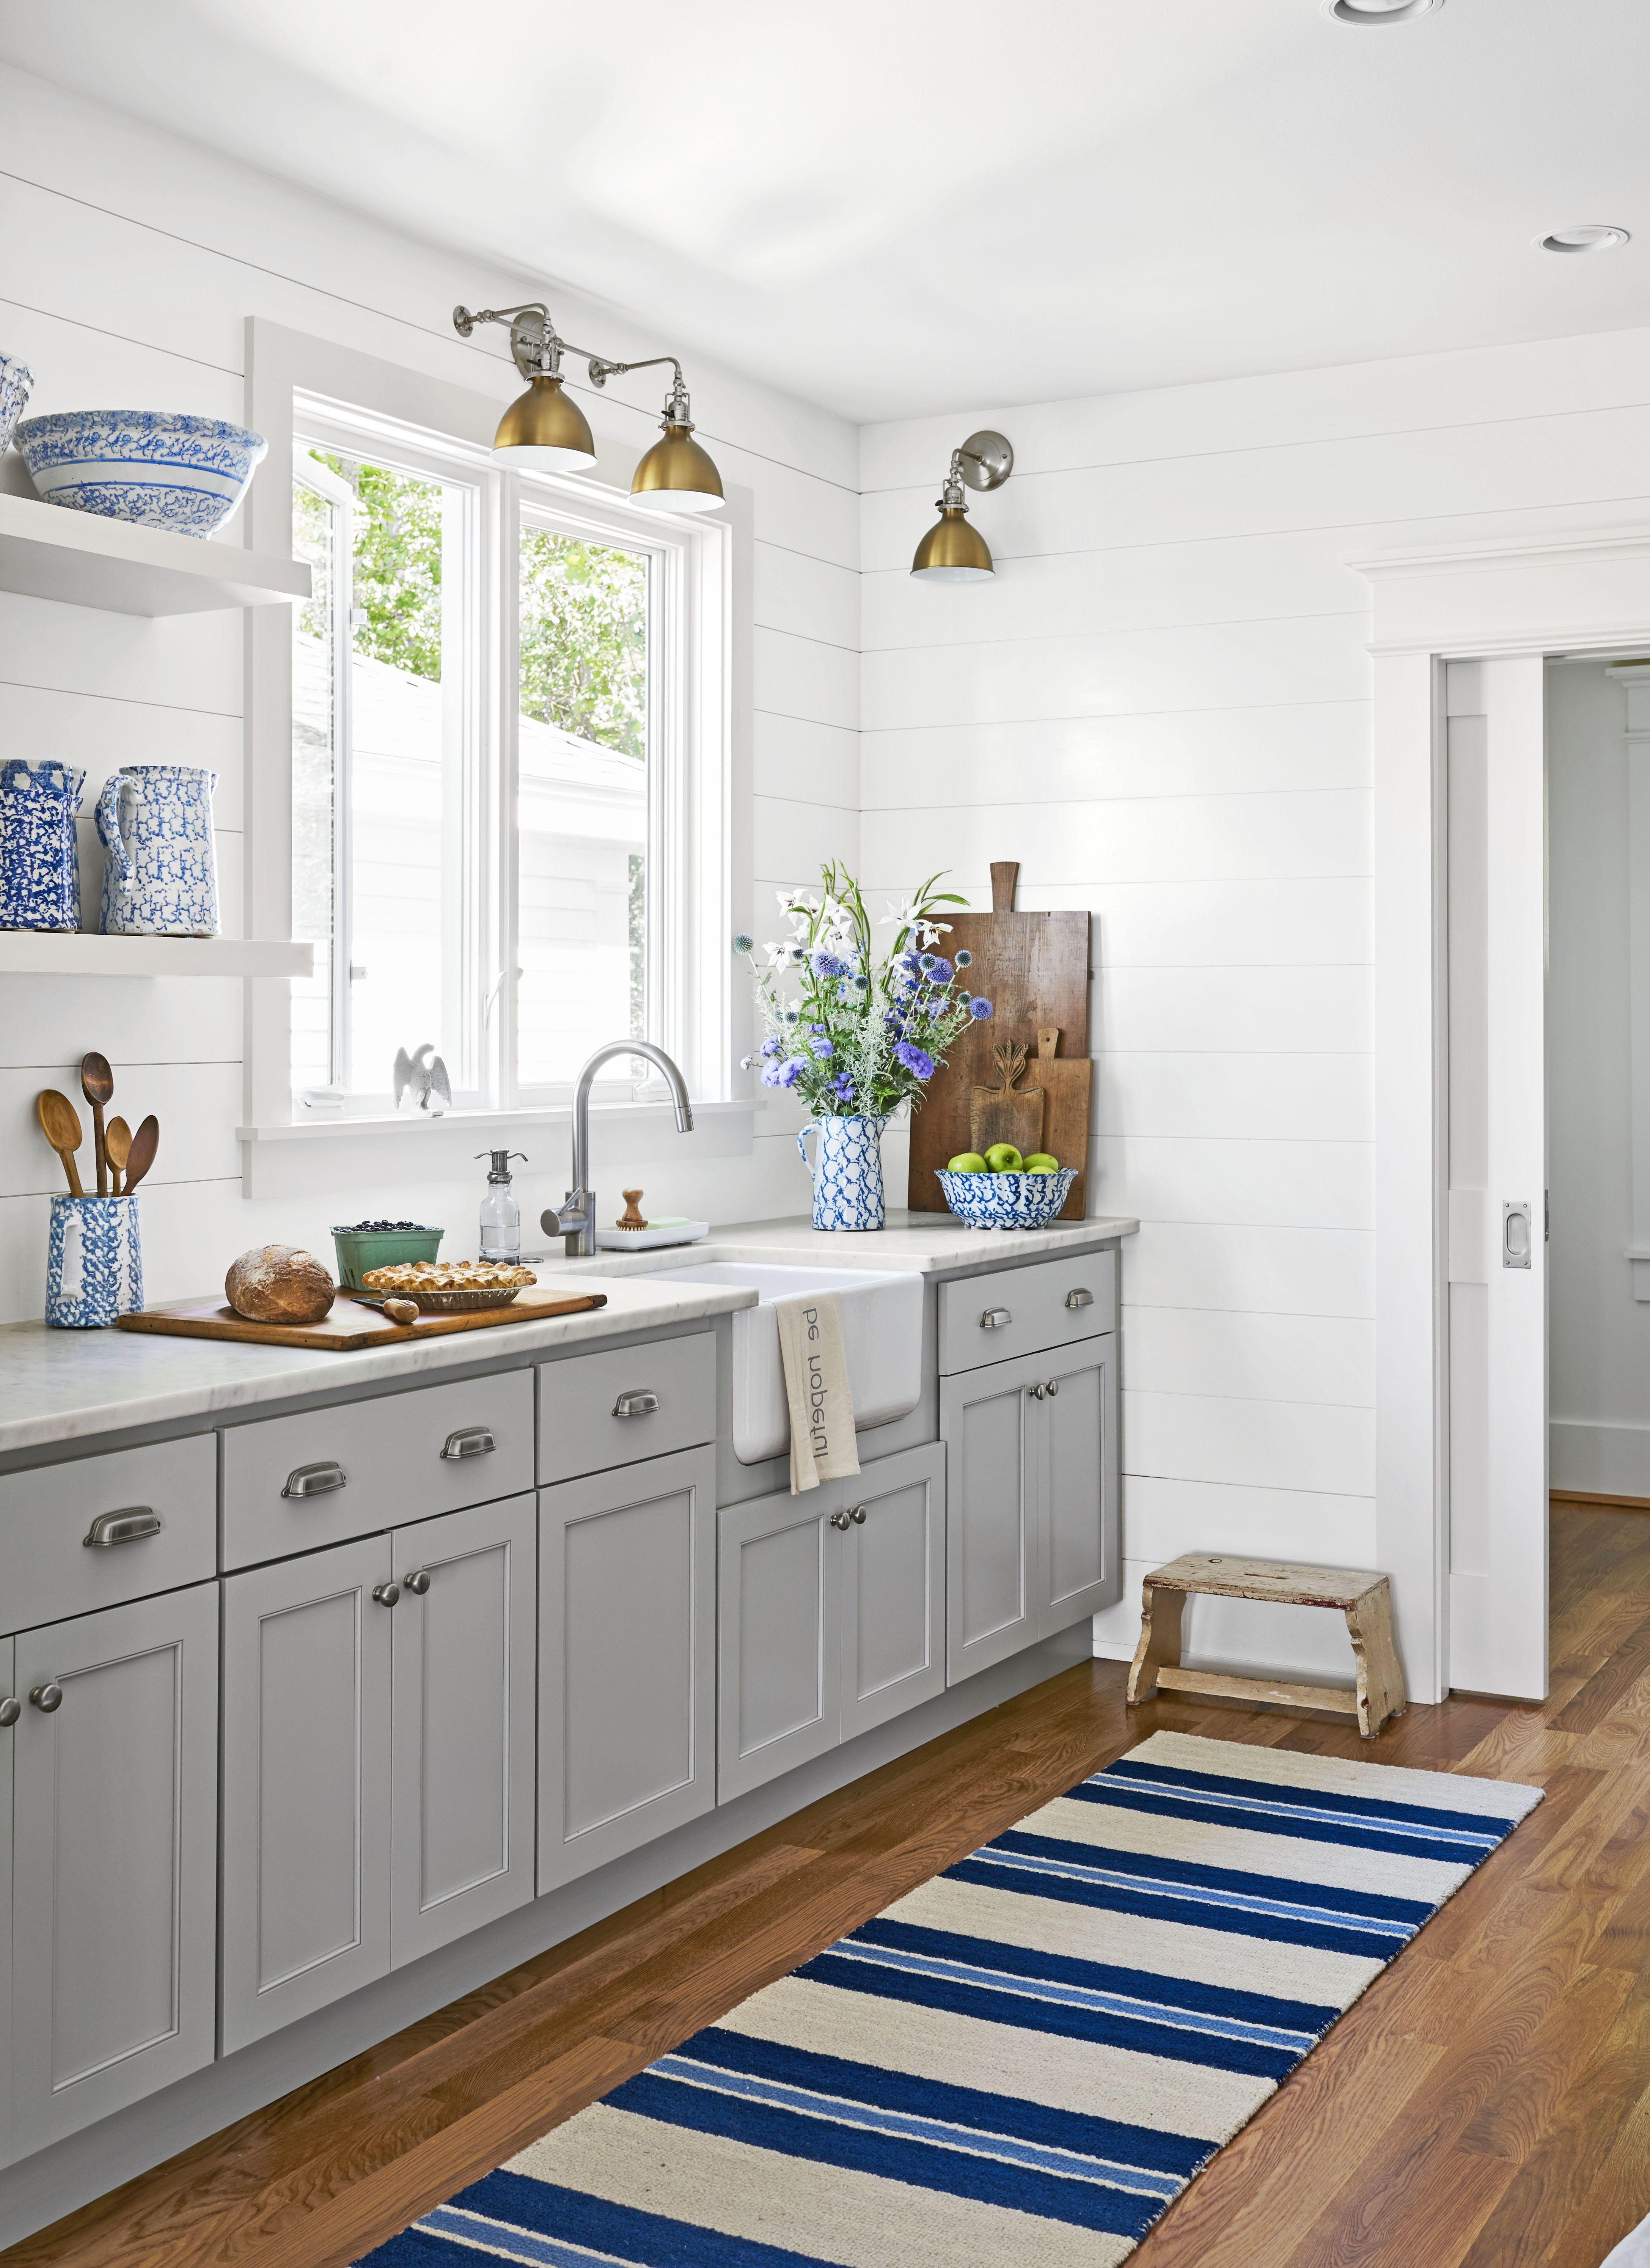 Kitchen Combined Summer Kitchen Combinedsummerkitchen Clean Kitchen Cabinets Kitchen Cabinets Kitchen Decor